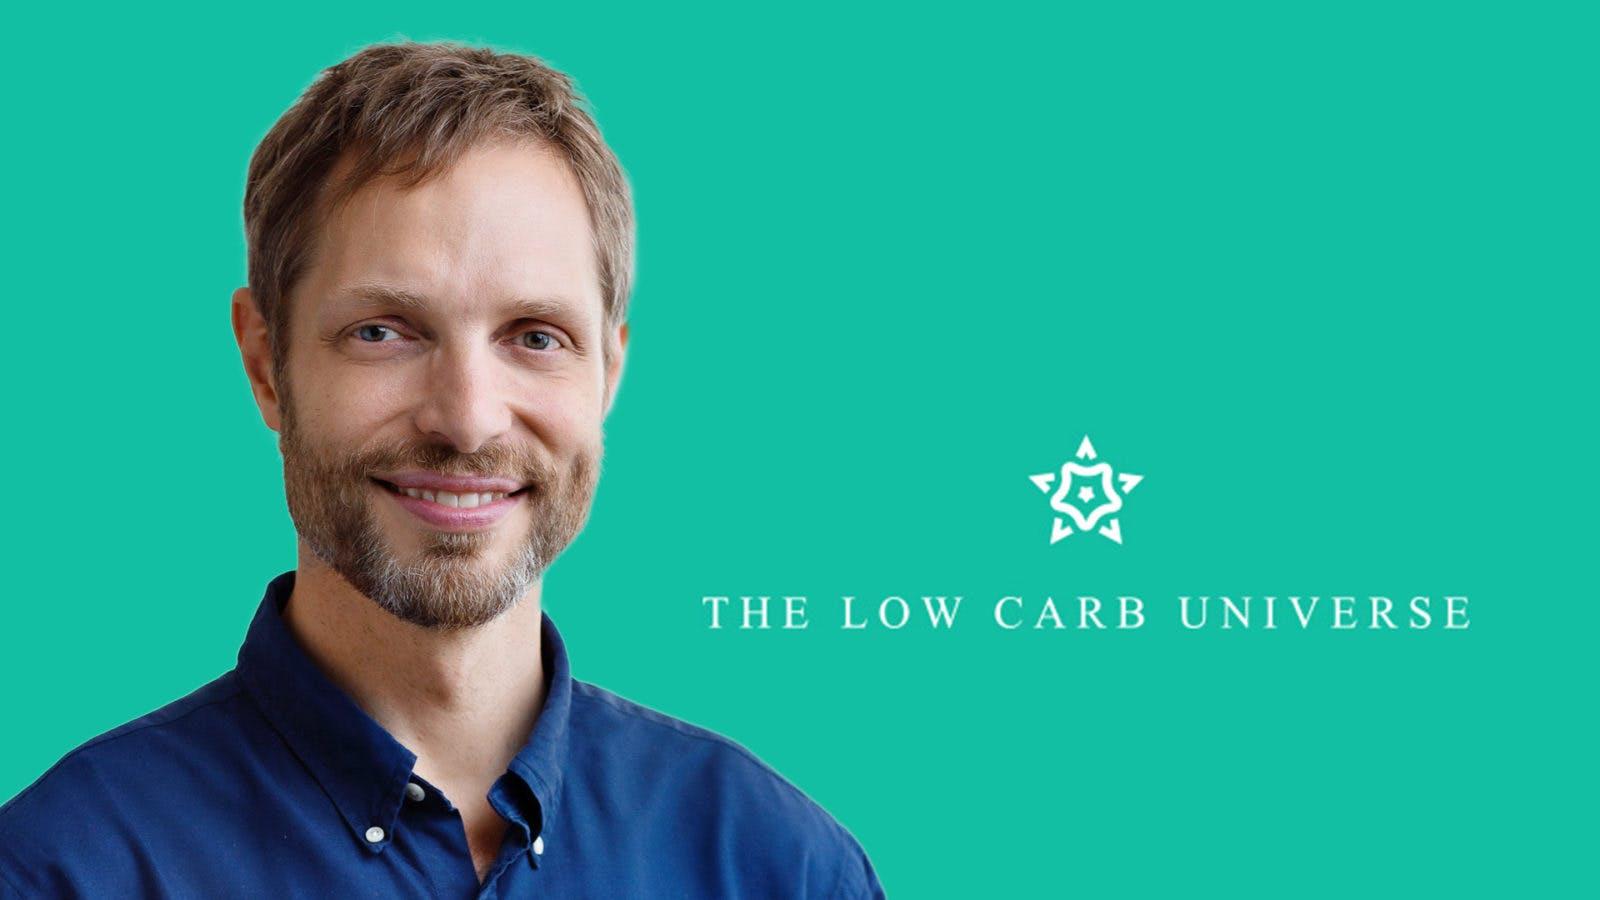 Möt mig på Low Carb Universe i november